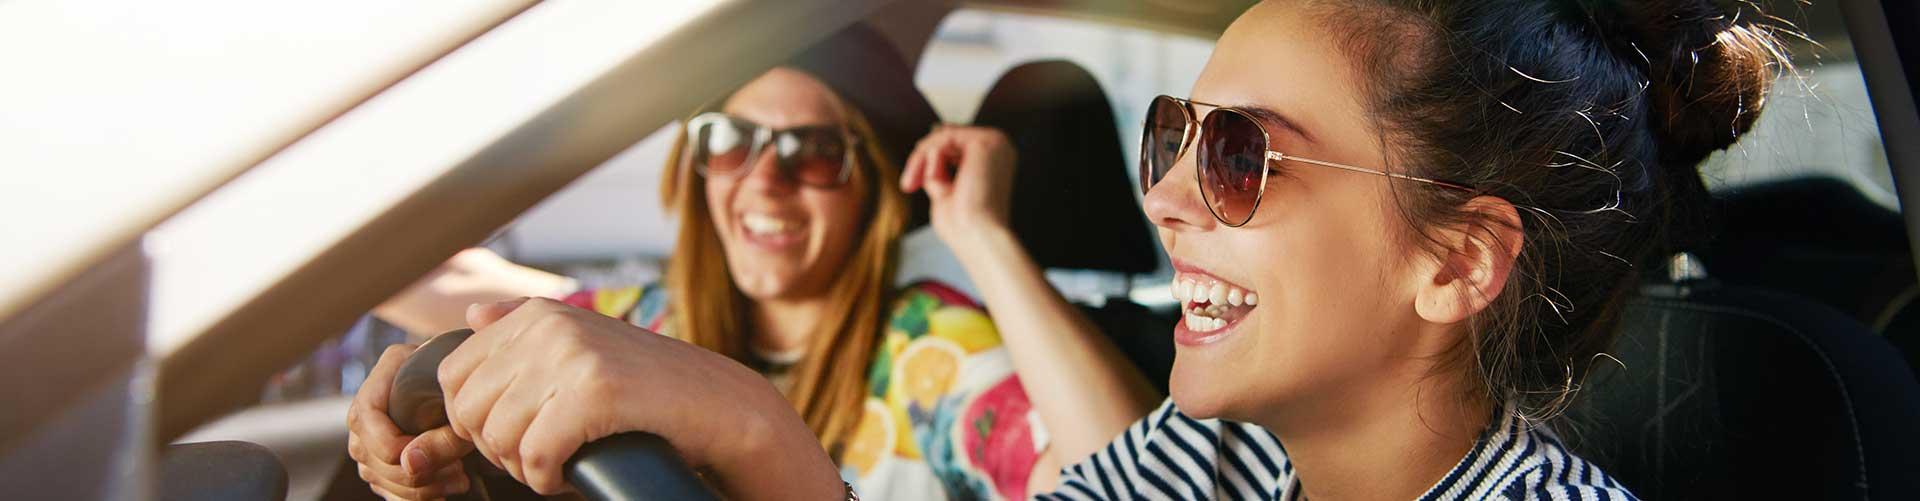 Zwei Frauen genießen ihr all-inclusive Auto-Abo.